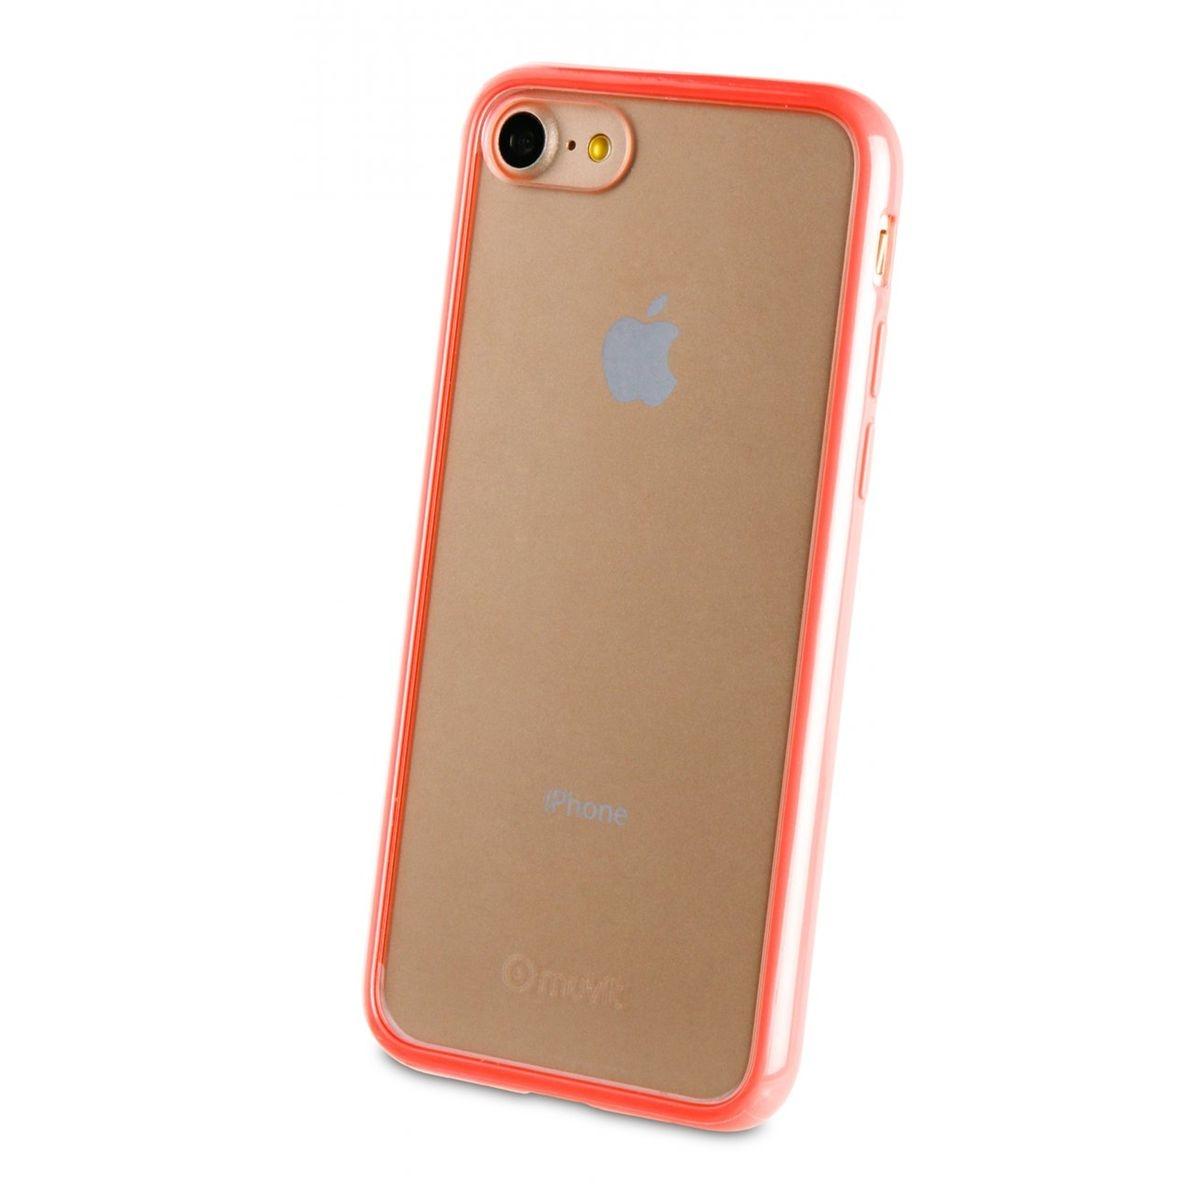 Muvitcoquecrystalbumprosepourapple Iphone 7